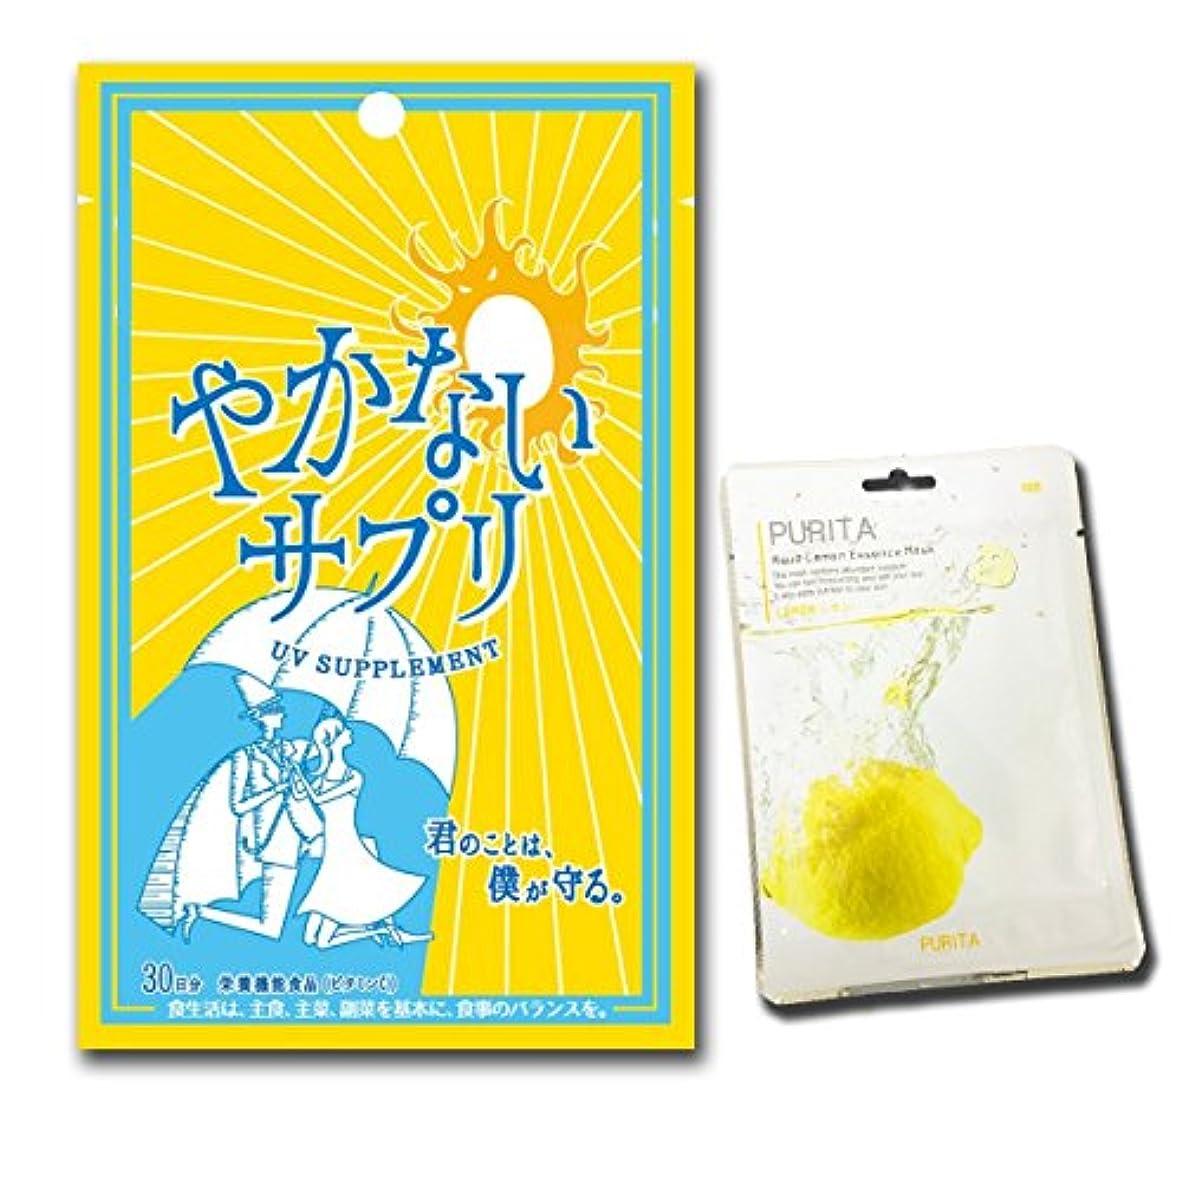 換気する放つ新しさ飲む日焼け止め やかないサプリ 日本製 (30粒/30日分) PURITAフェイスマスク1枚付